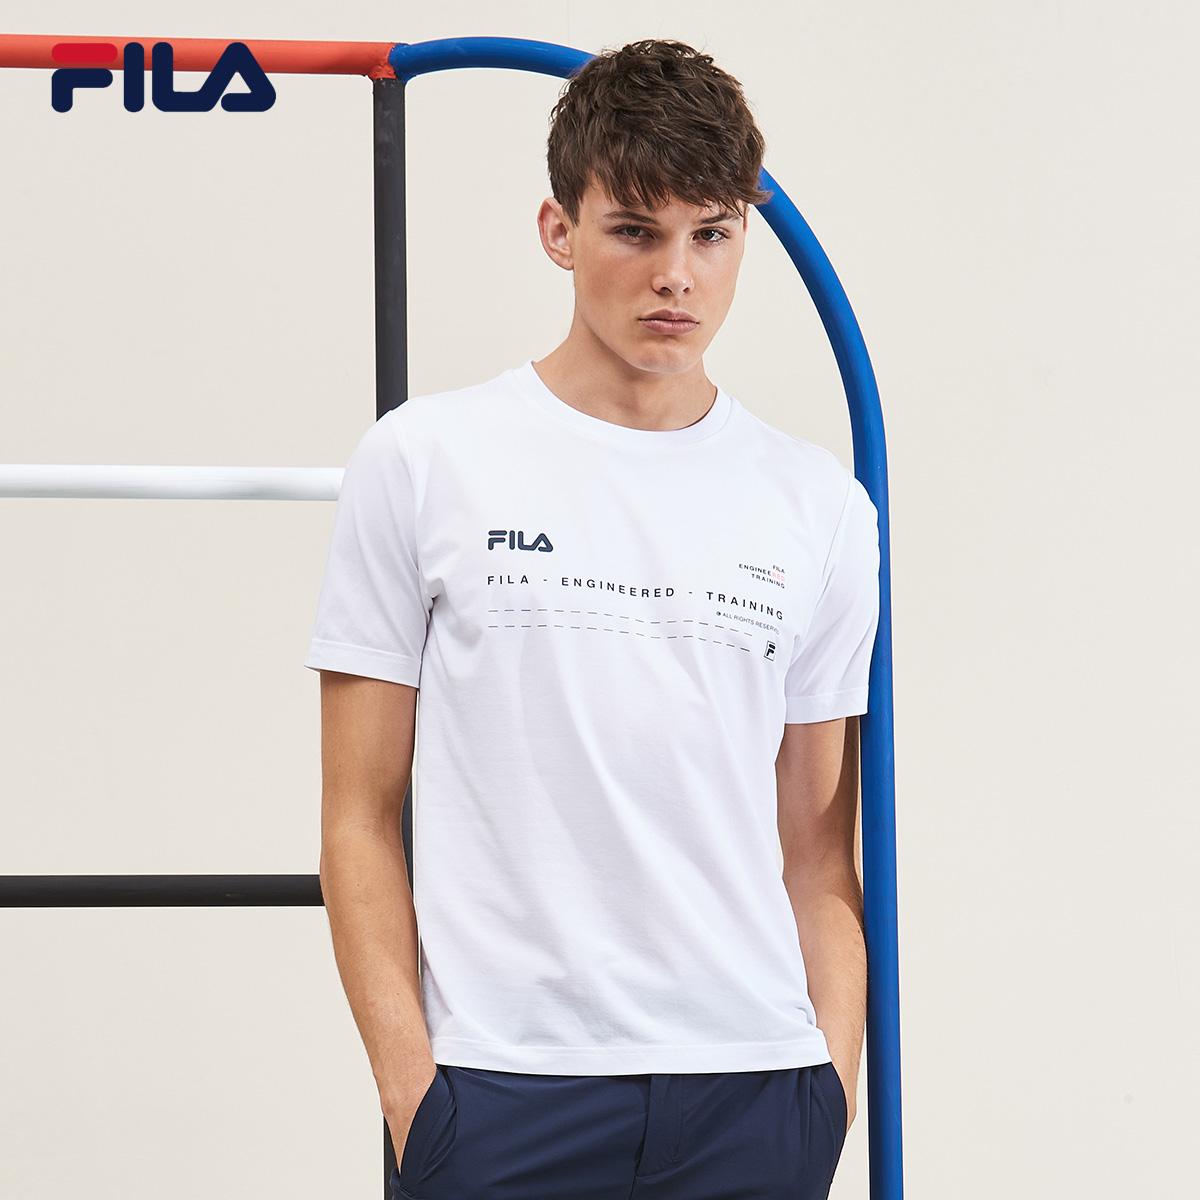 Áo thun nam tay ngắn của Fila Fila mùa thu 2019 mới thể thao thoáng khí đơn giản màu trắng áo thun thể thao - Áo phông thể thao